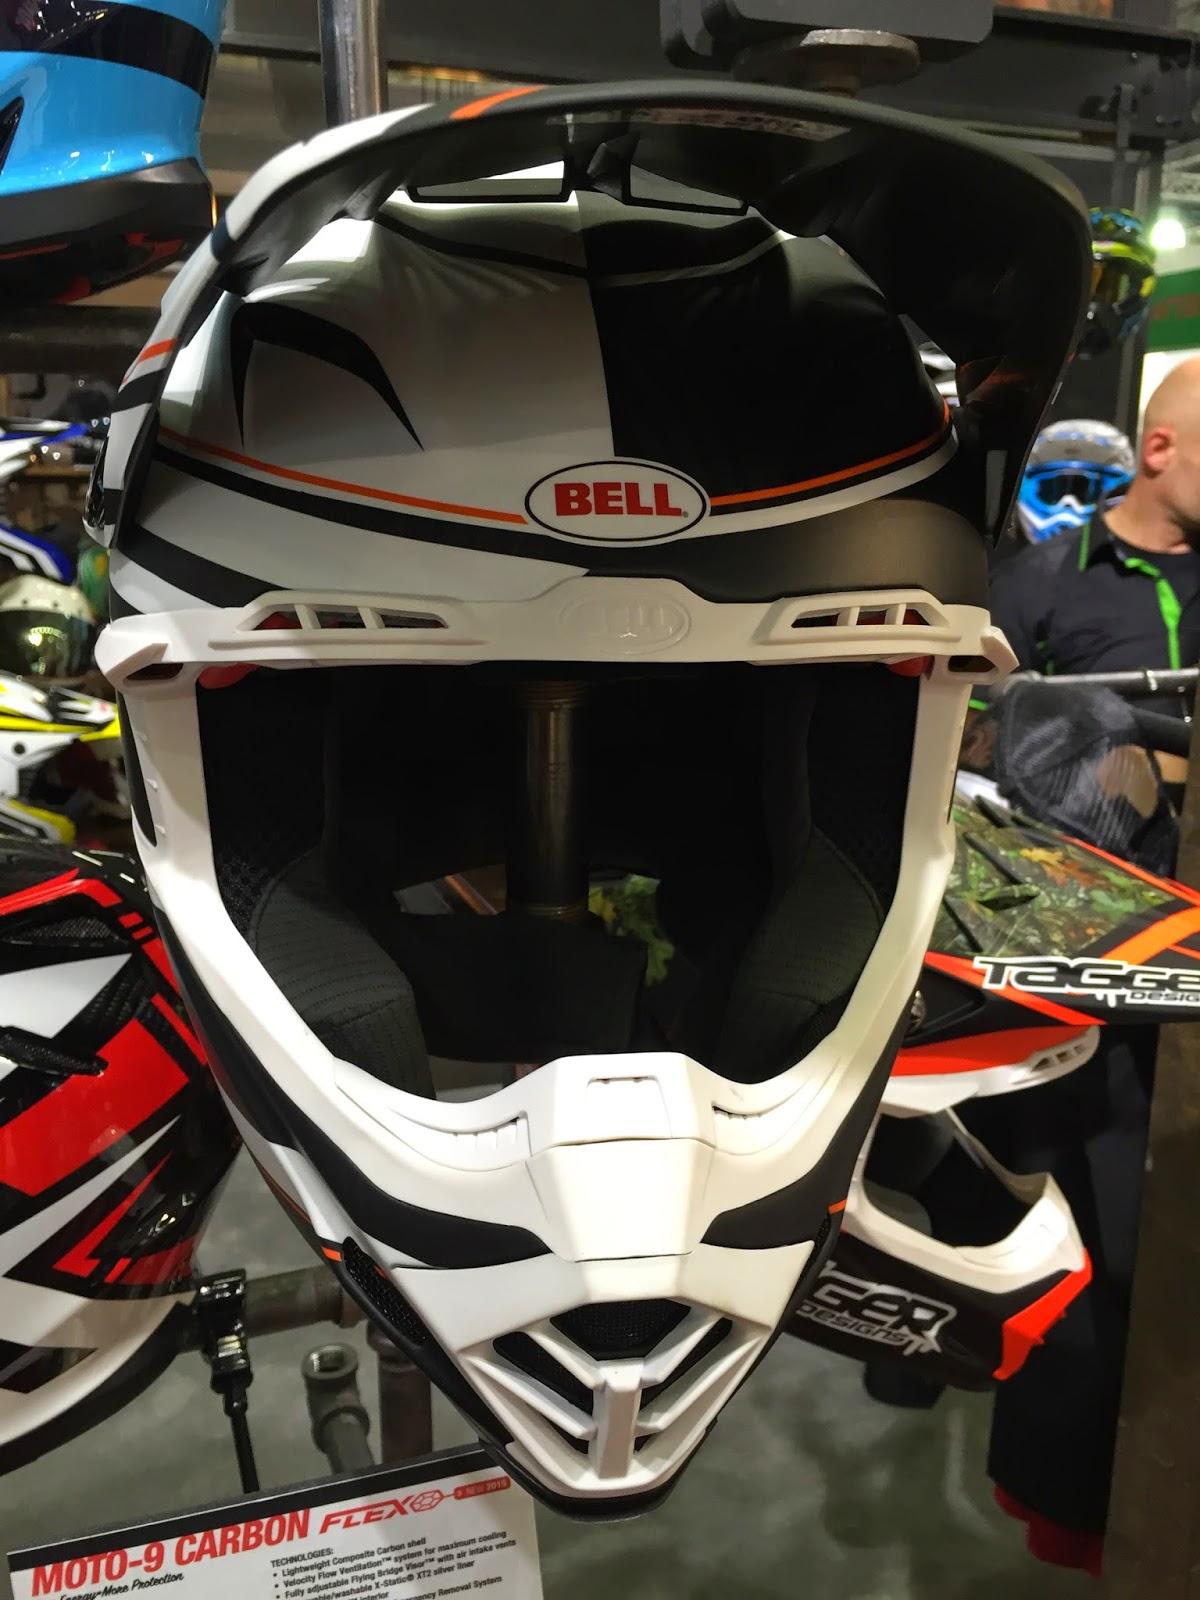 Bell Moto-9 Flex Motorcycle Helmet